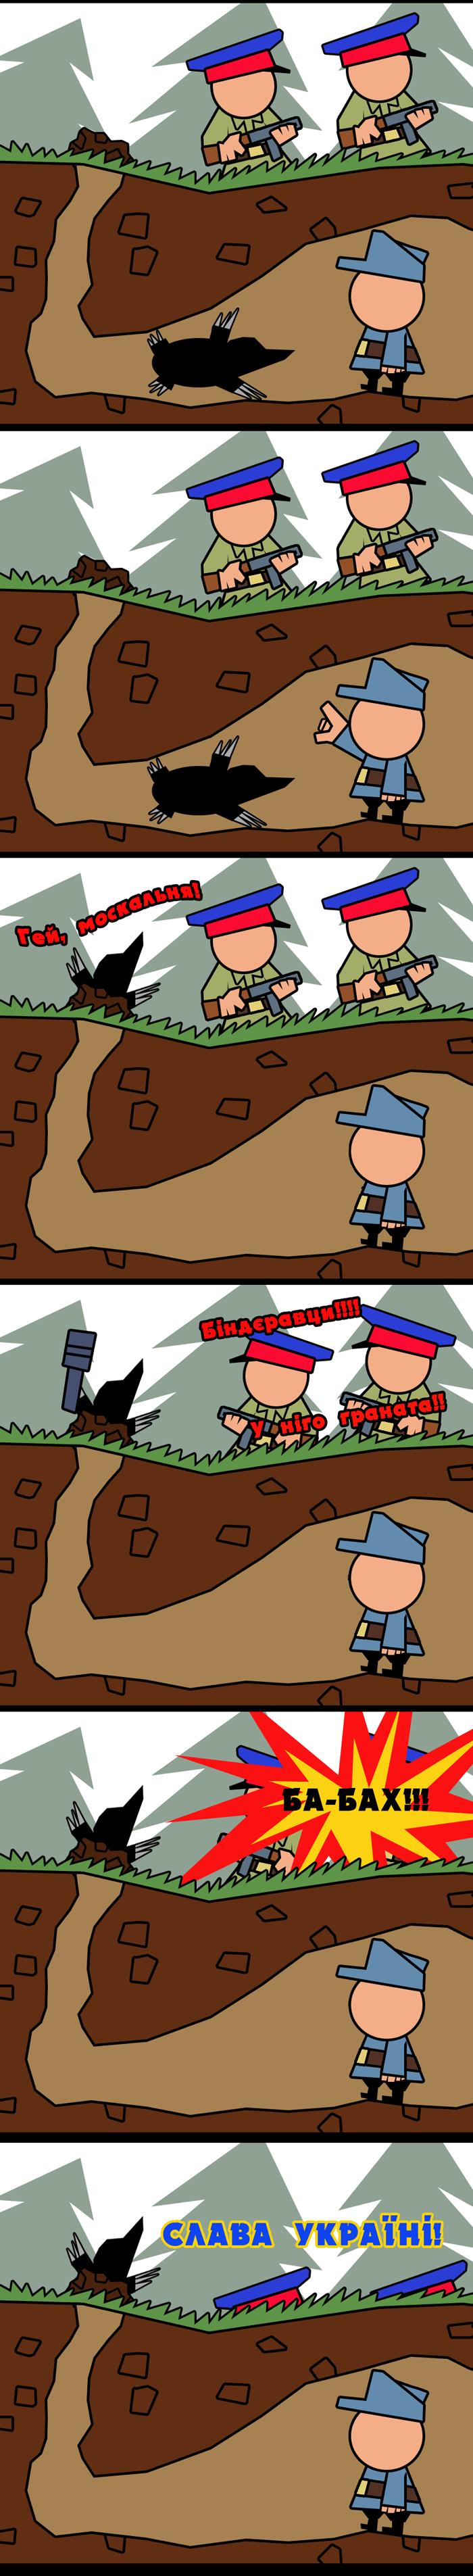 Кріт бандерівець